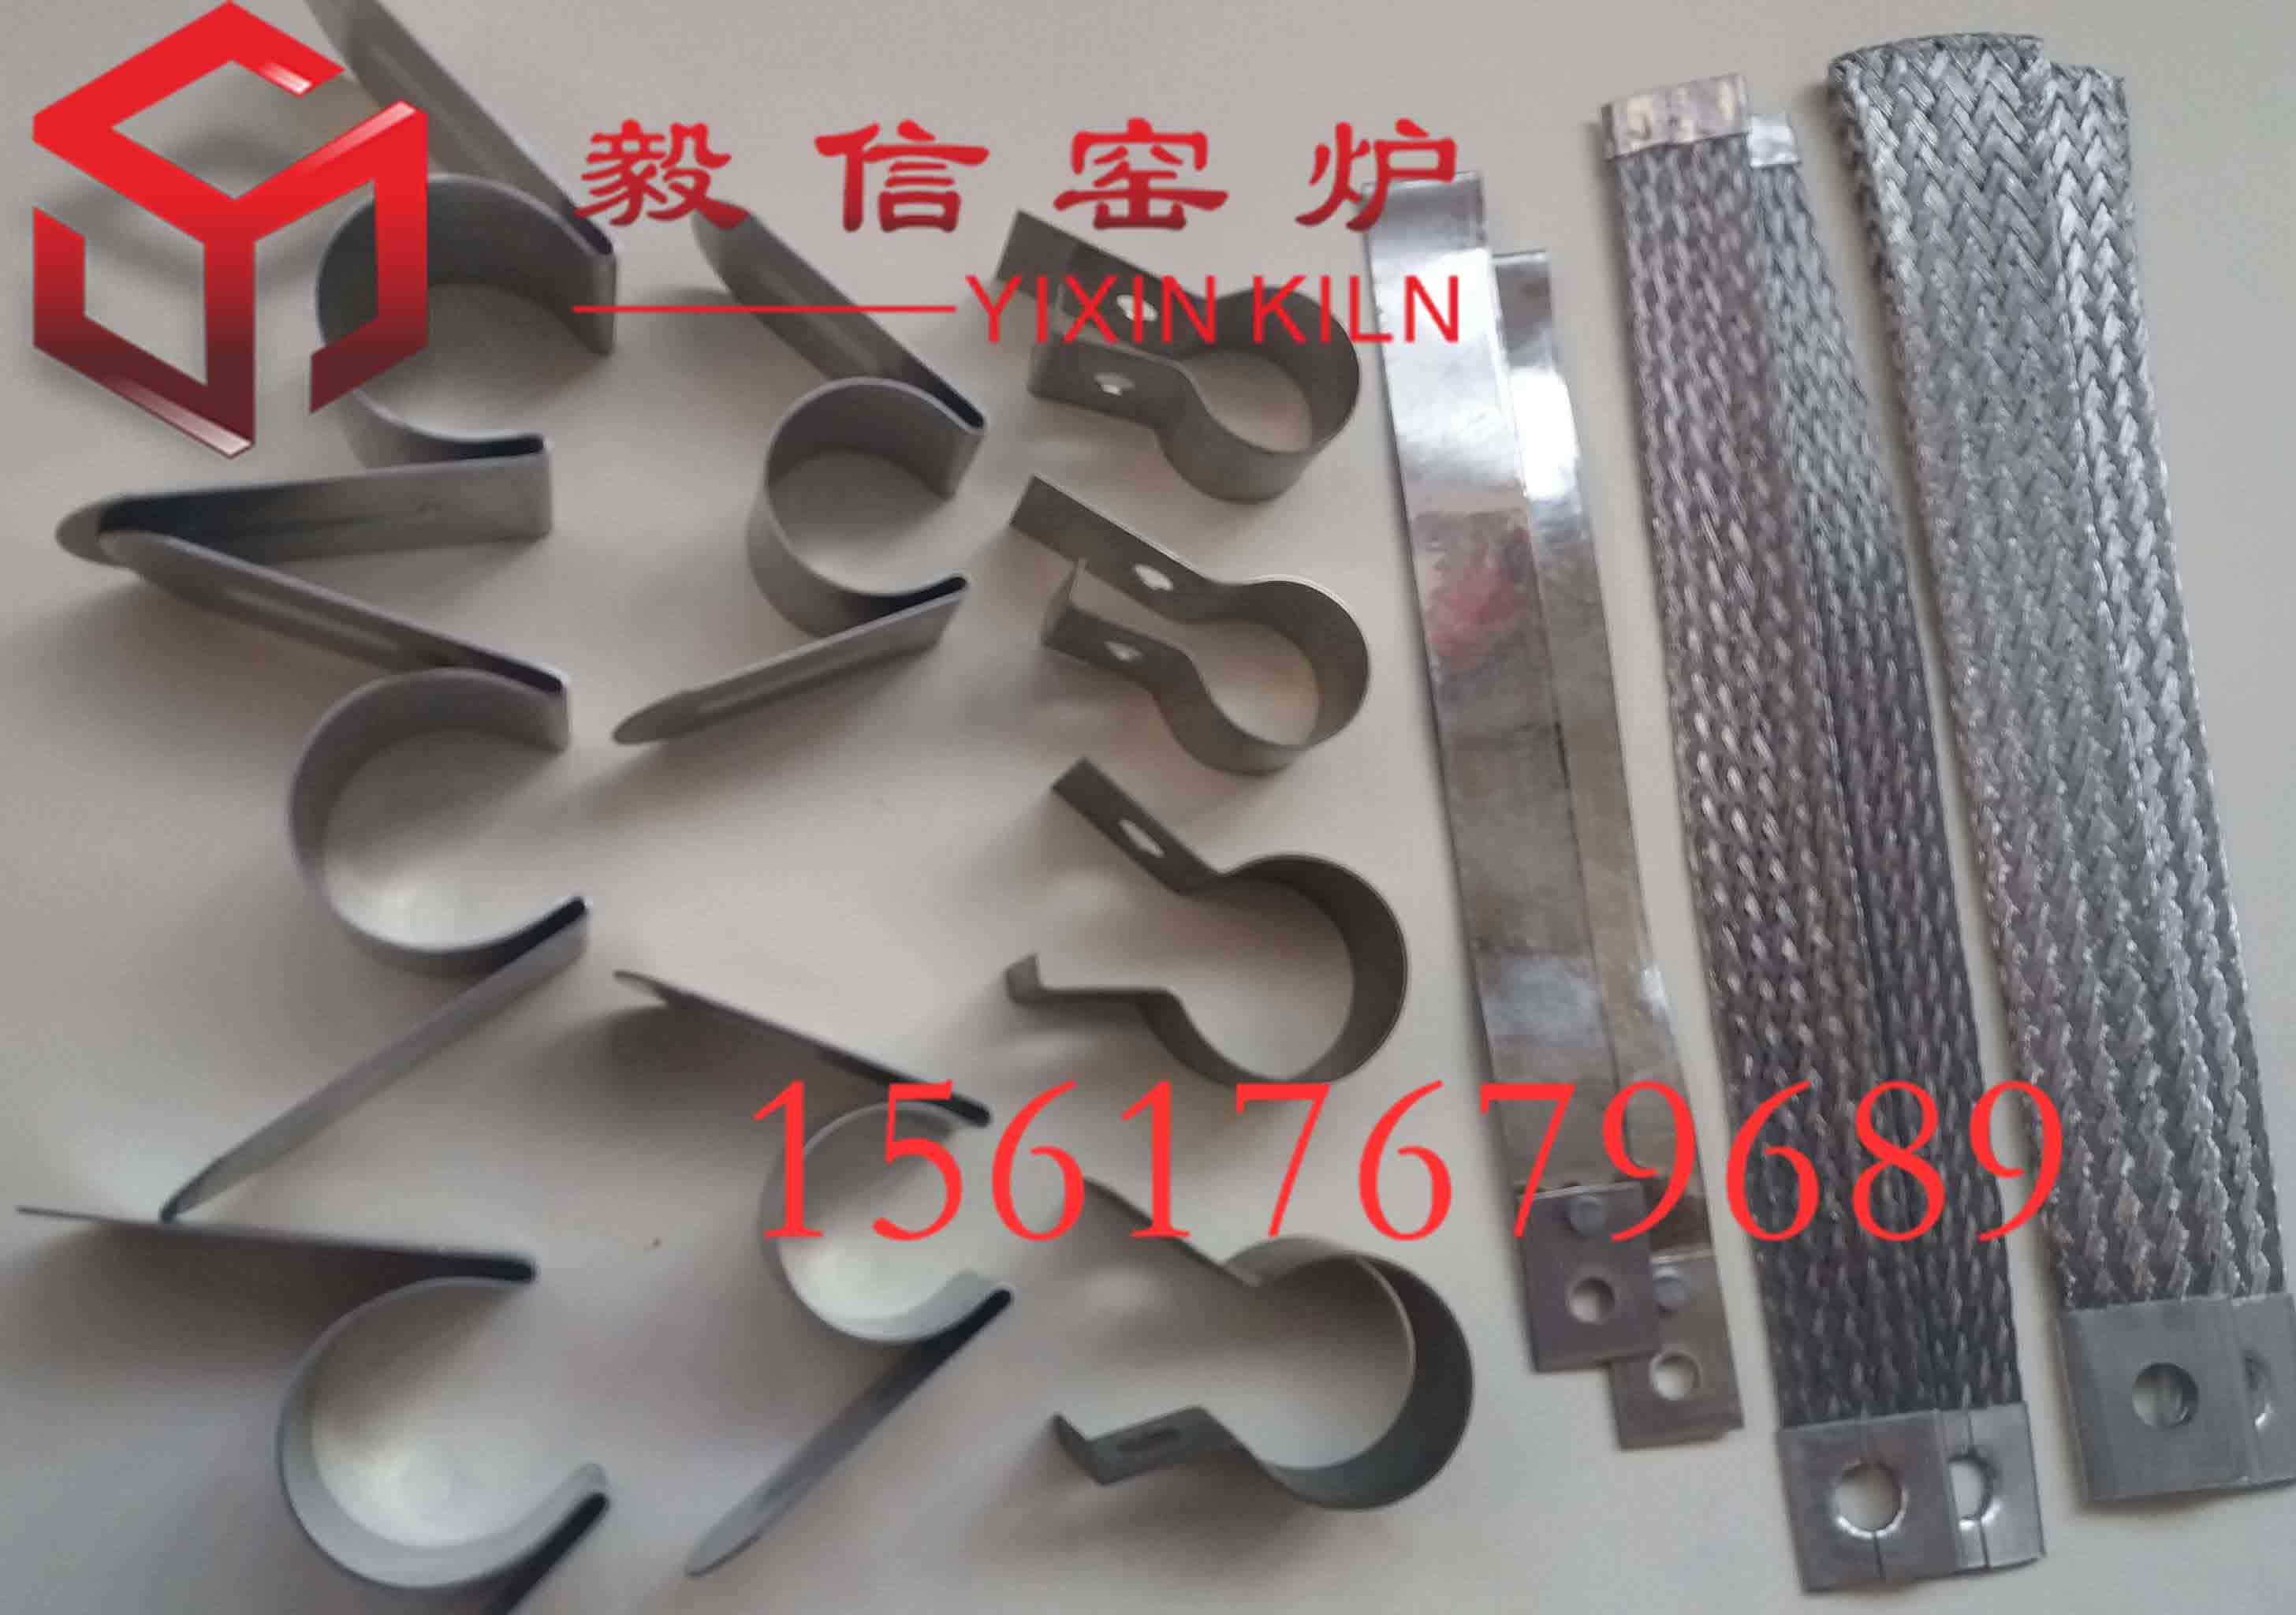 硅碳棒夹具,硅碳棒配件,附件,硅碳棒铝箔片、导电带30宽铝箔带任意定做长度